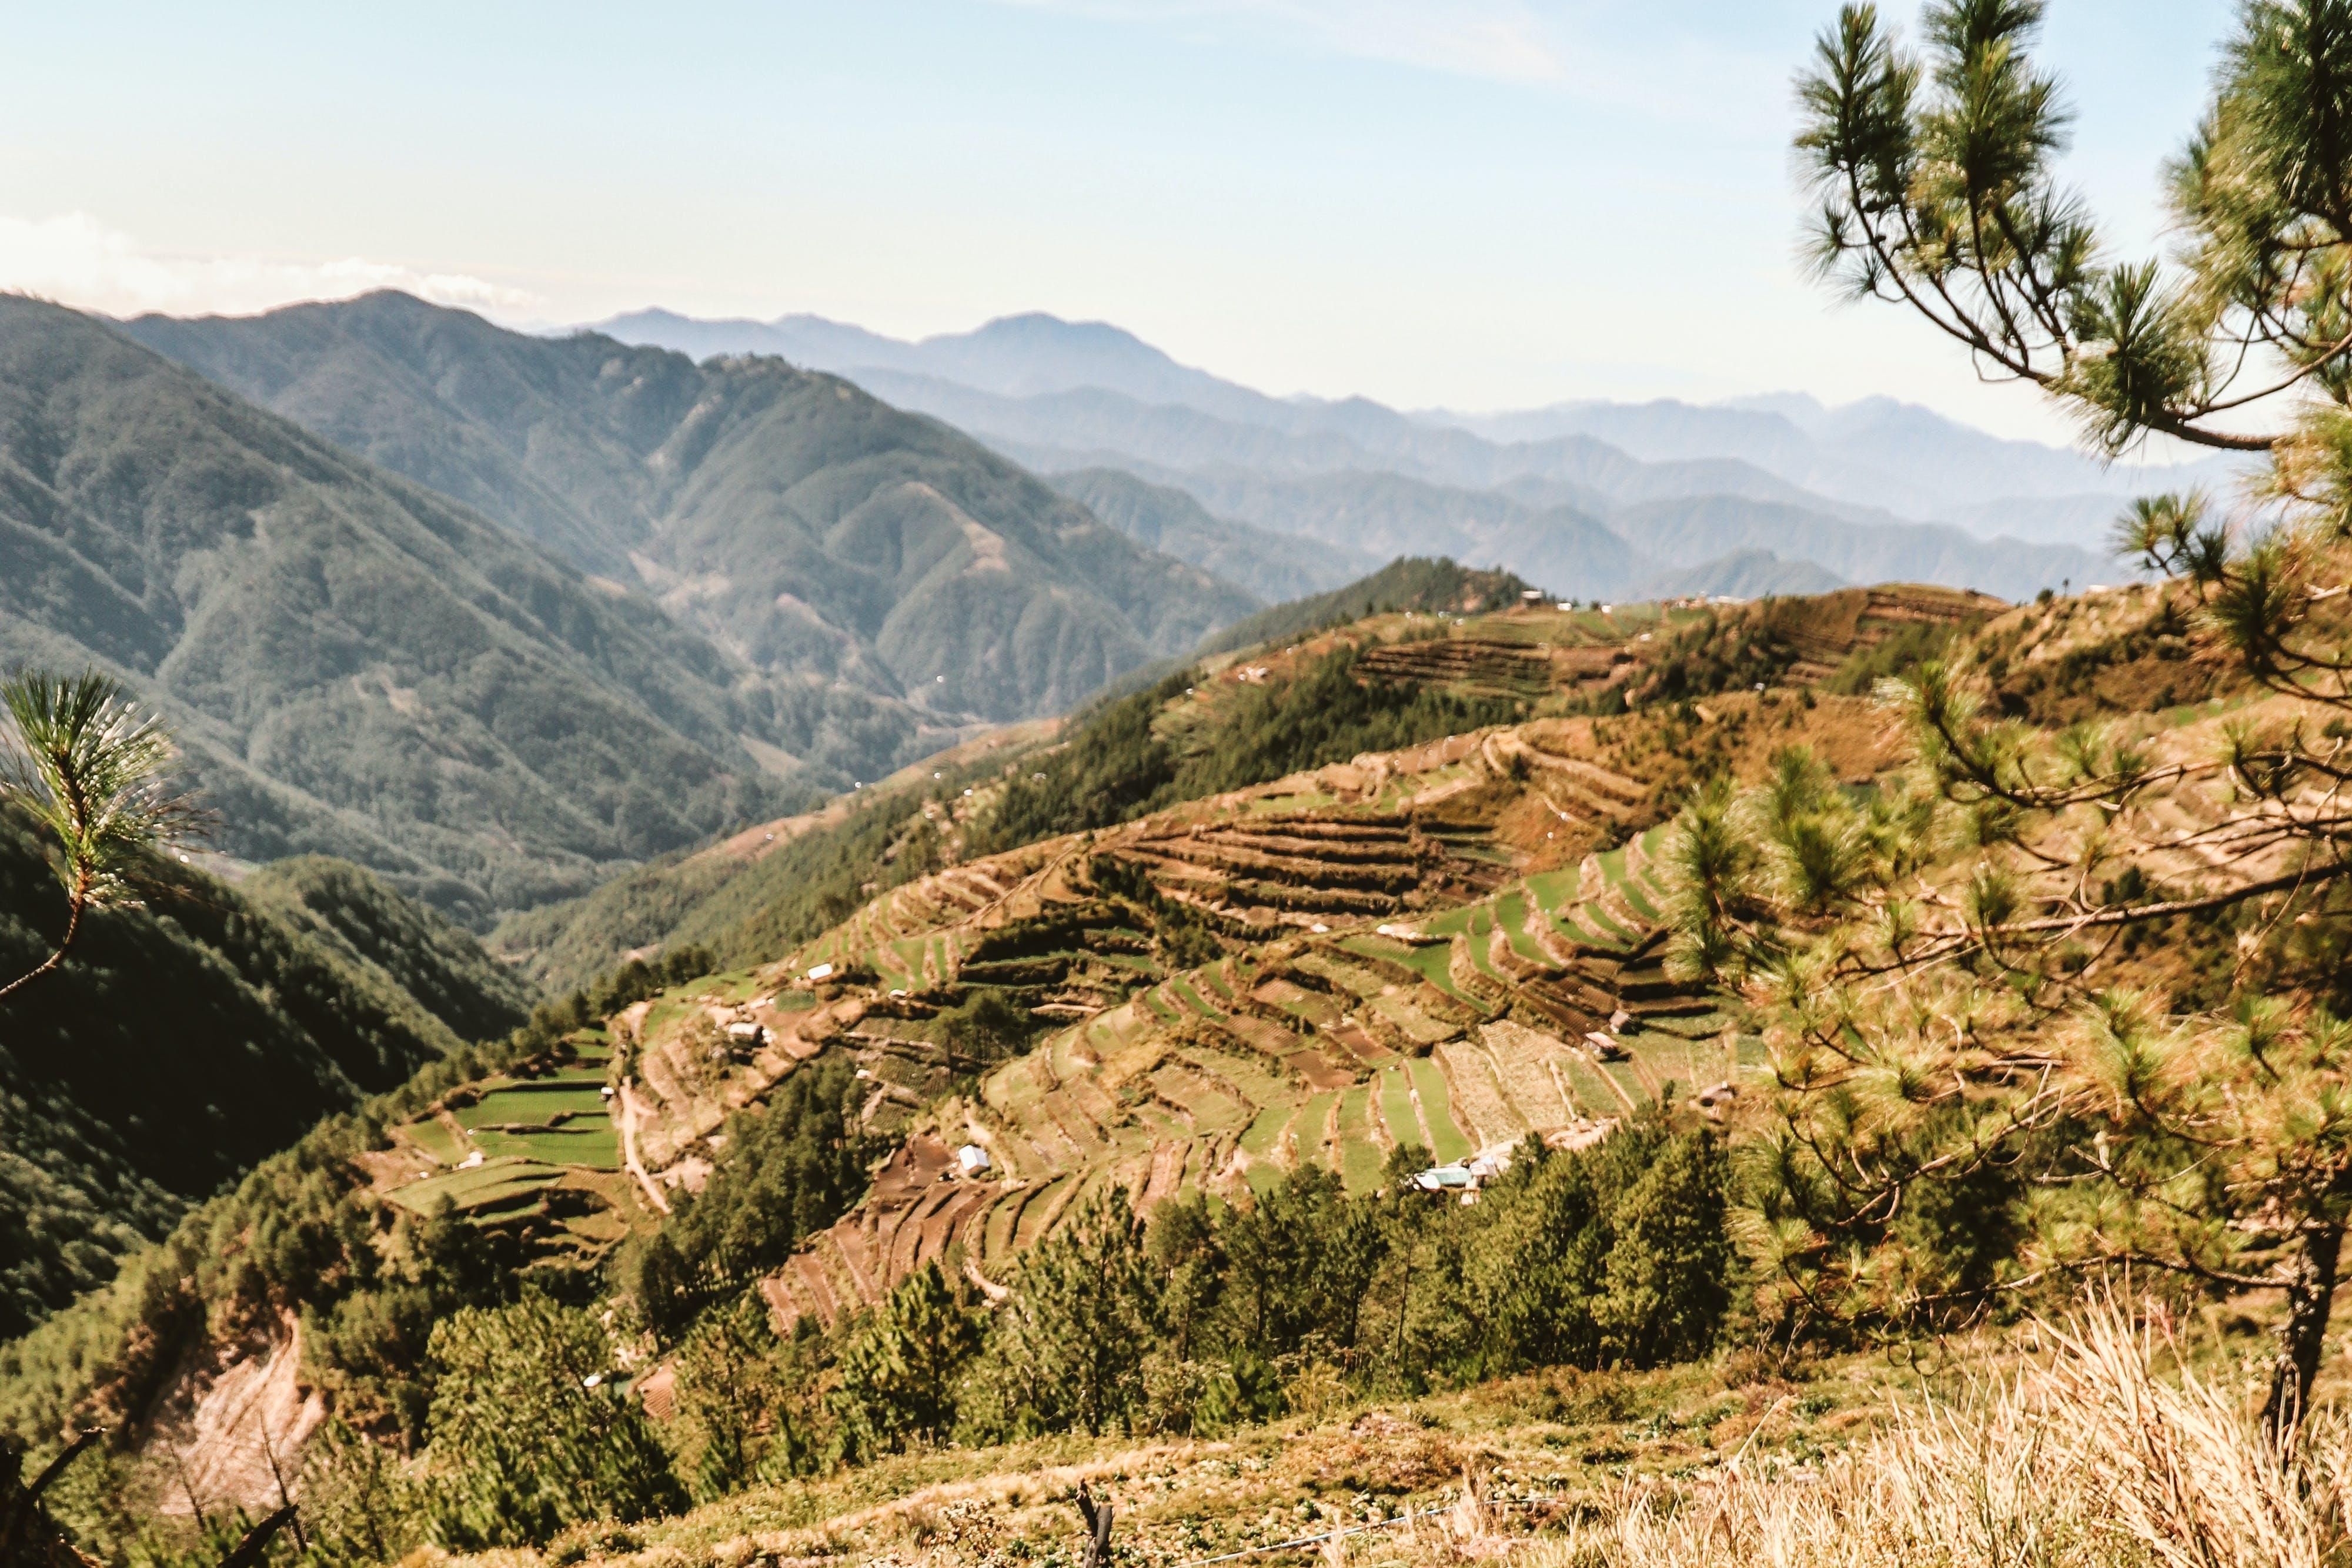 Δωρεάν στοκ φωτογραφιών με βουνό, ορυζώνες, Φιλιππίνες, φύση